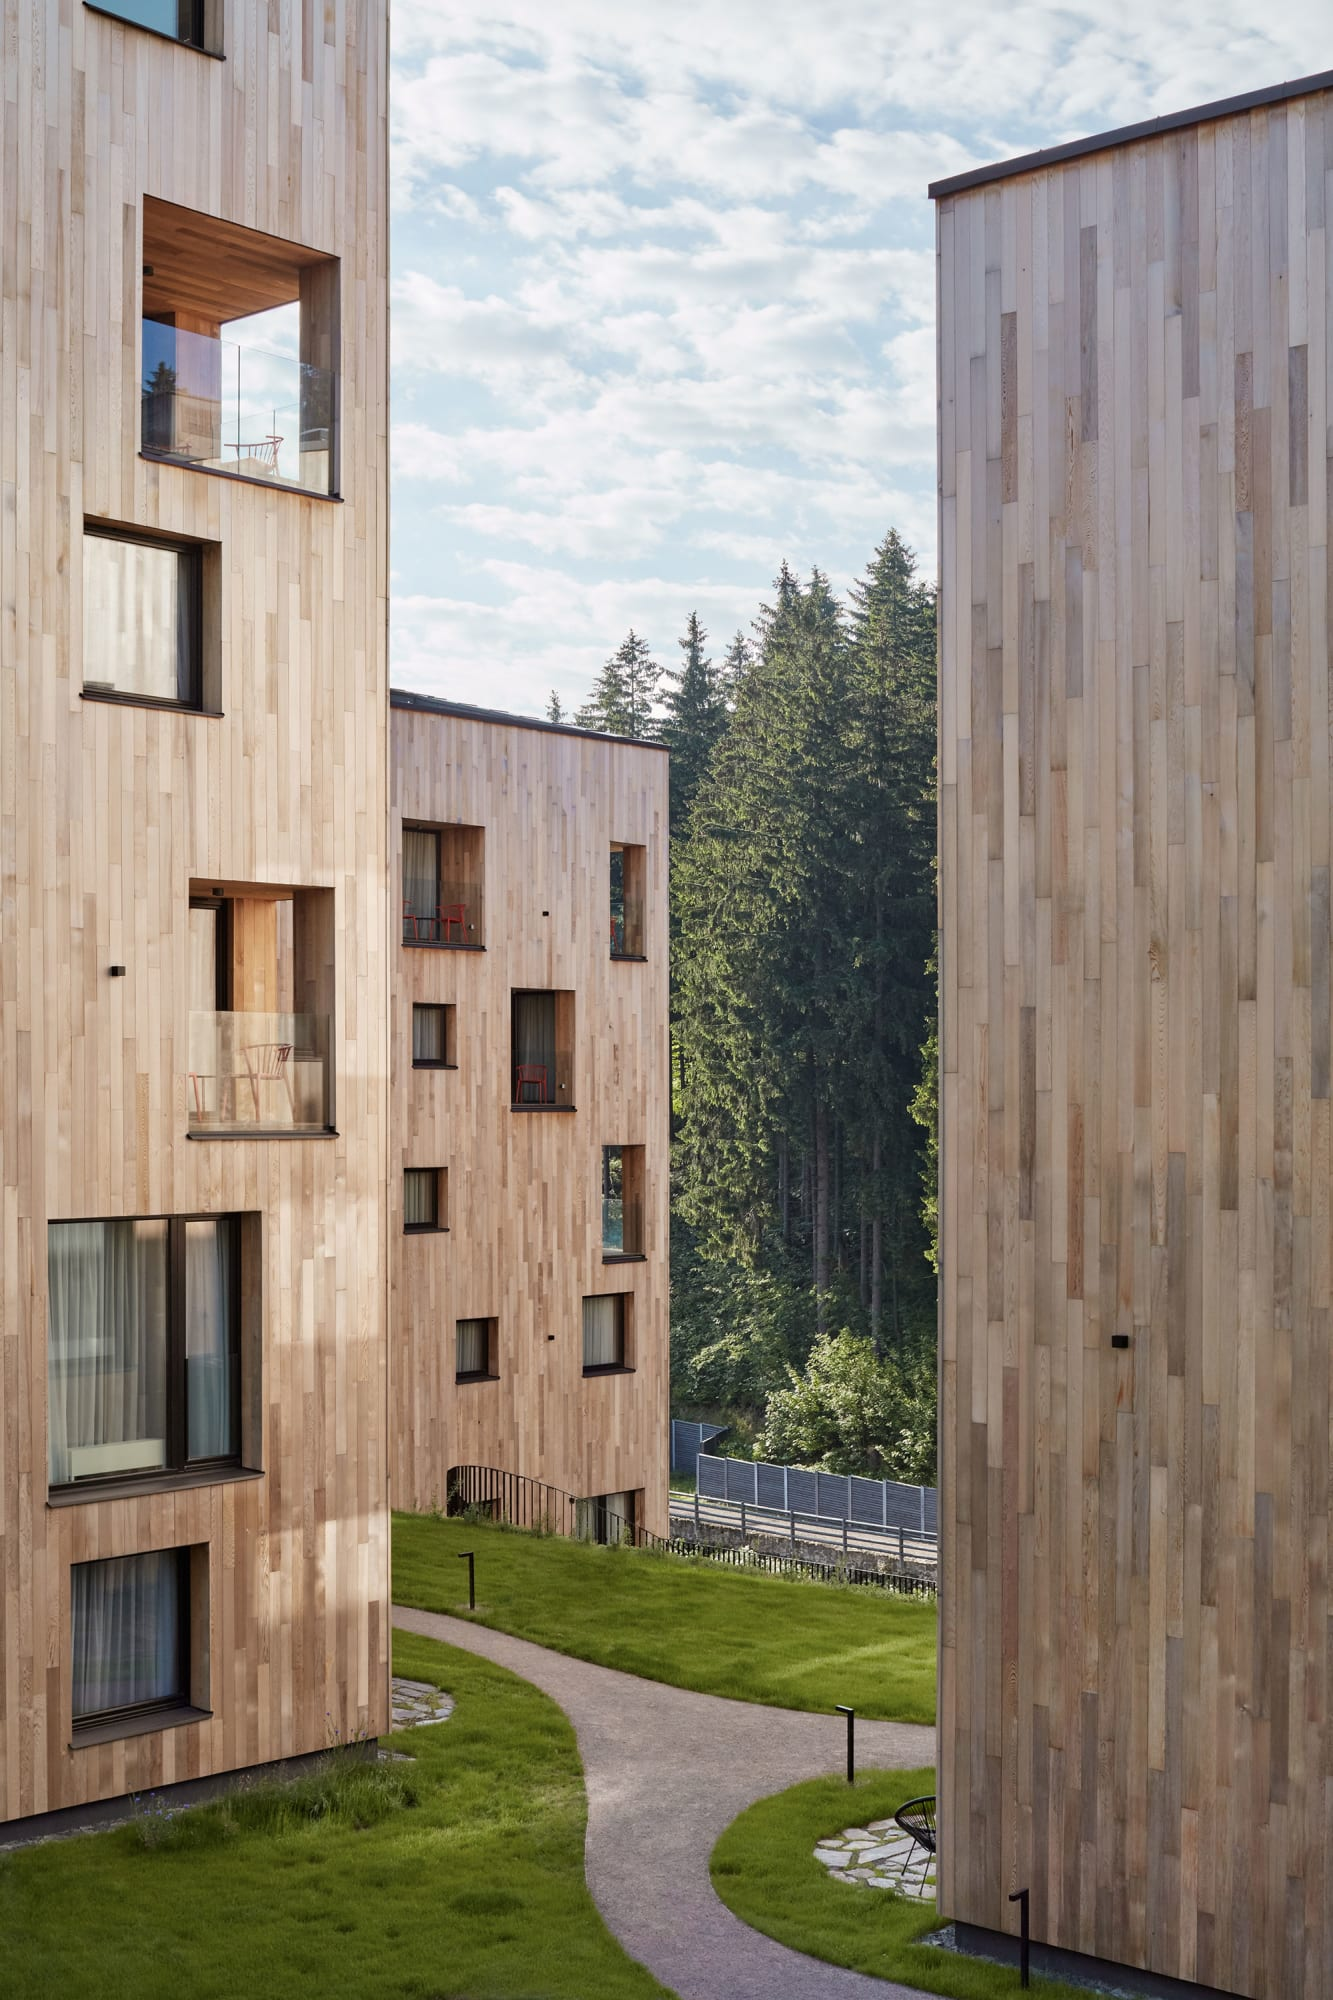 Ov A Boysplaynice Apart Hotel Svaty Vavrinec Divisare